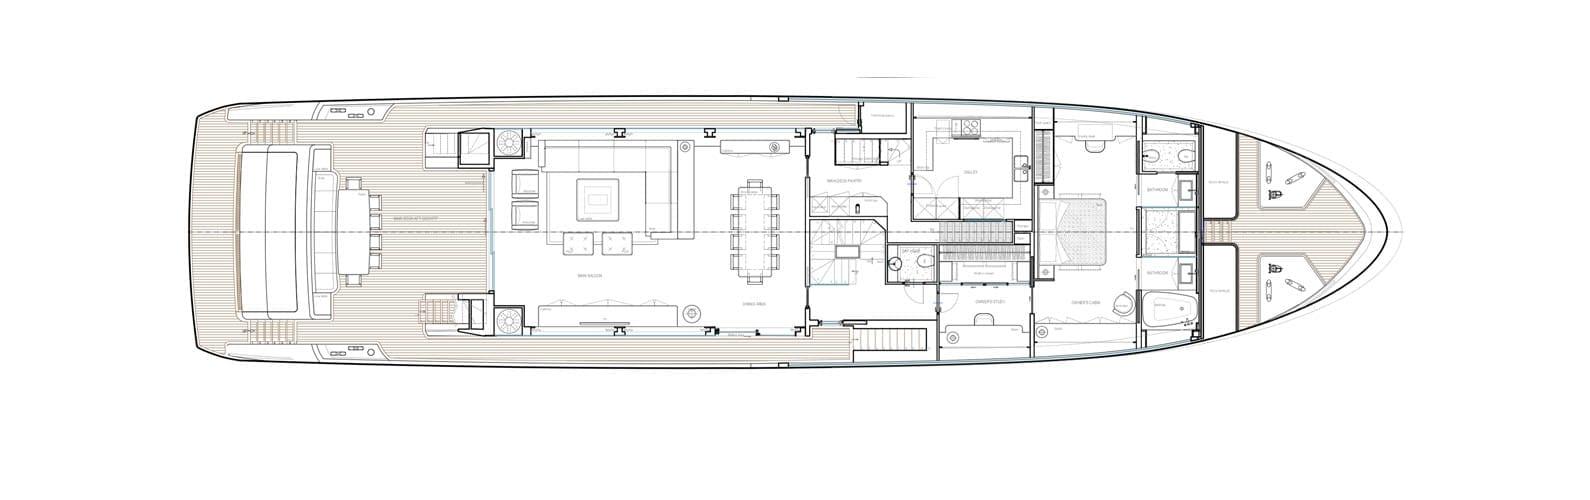 Uniesse-sy-120-floorplants3